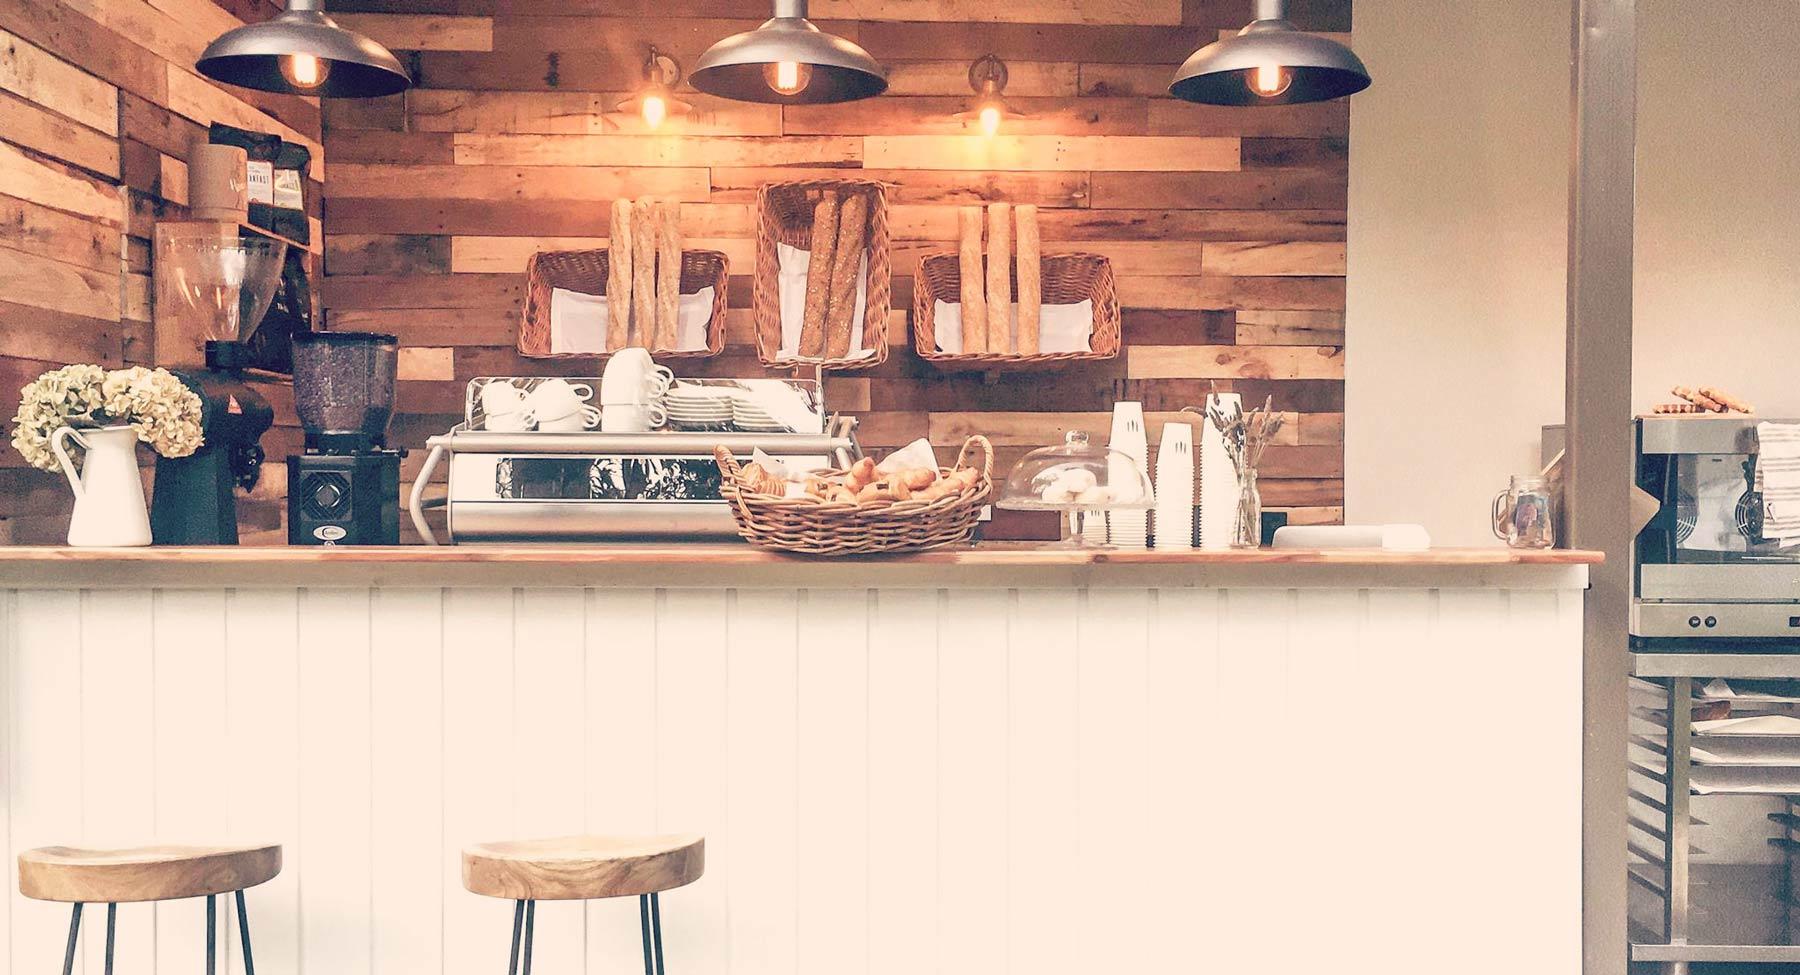 Espresso Cafe Mona Vale NSW